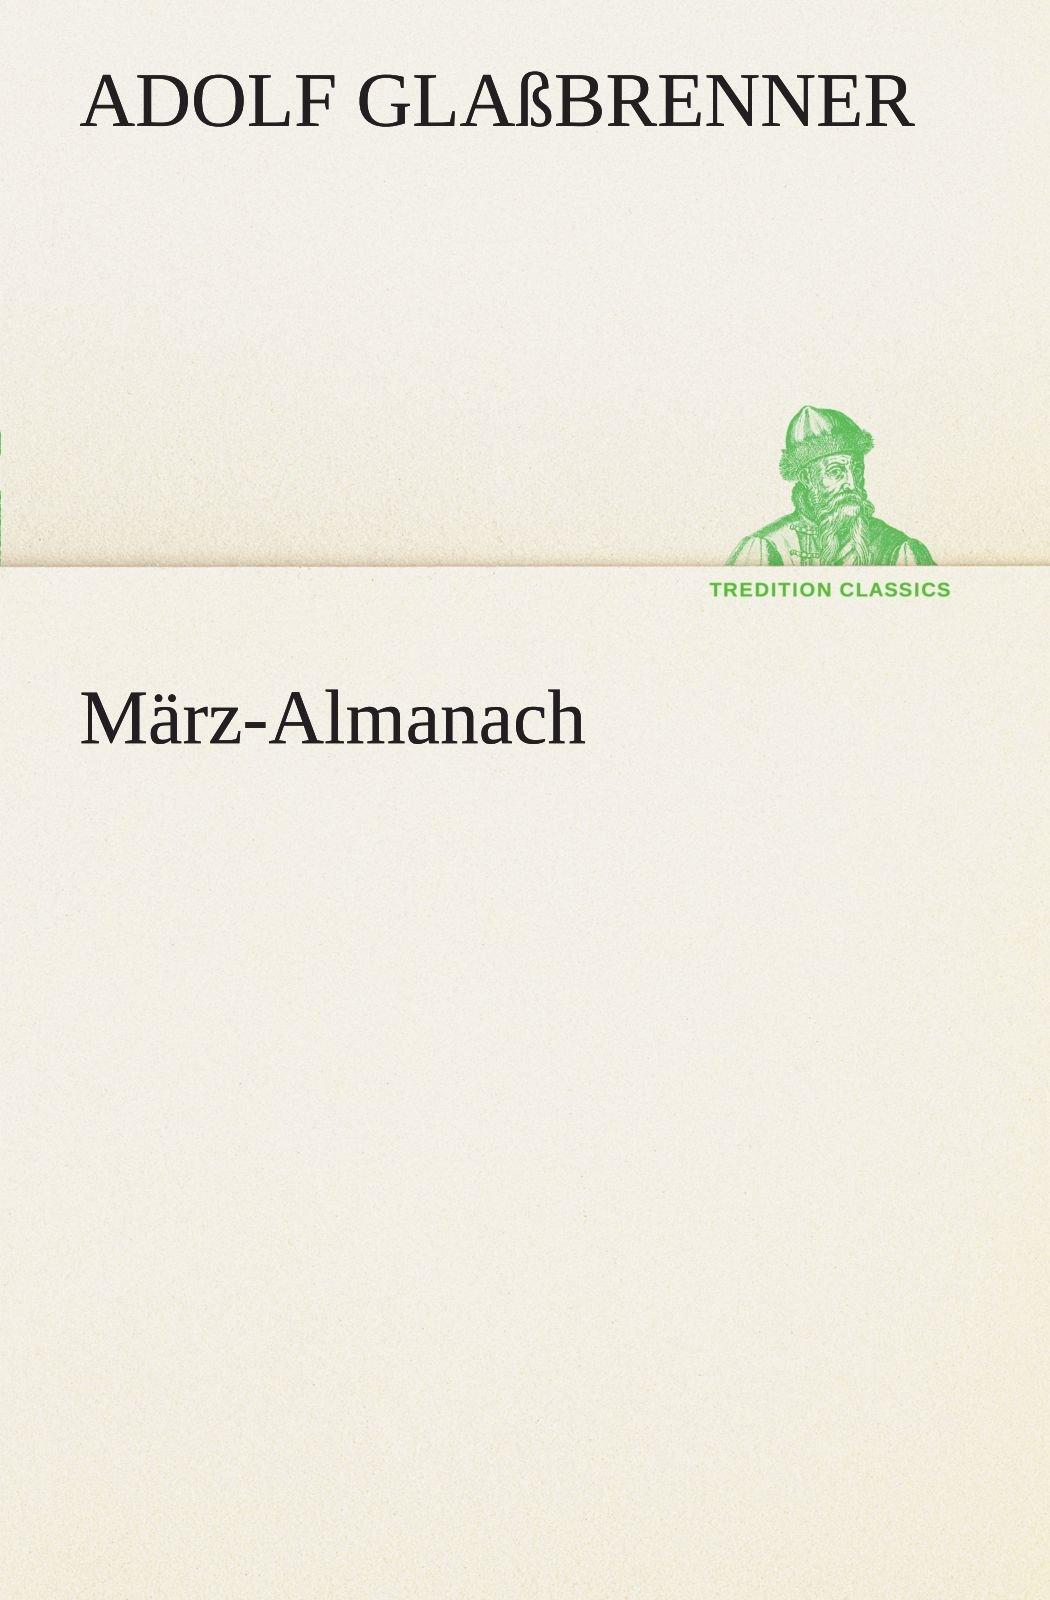 März-Almanach (TREDITION CLASSICS) (German Edition) PDF